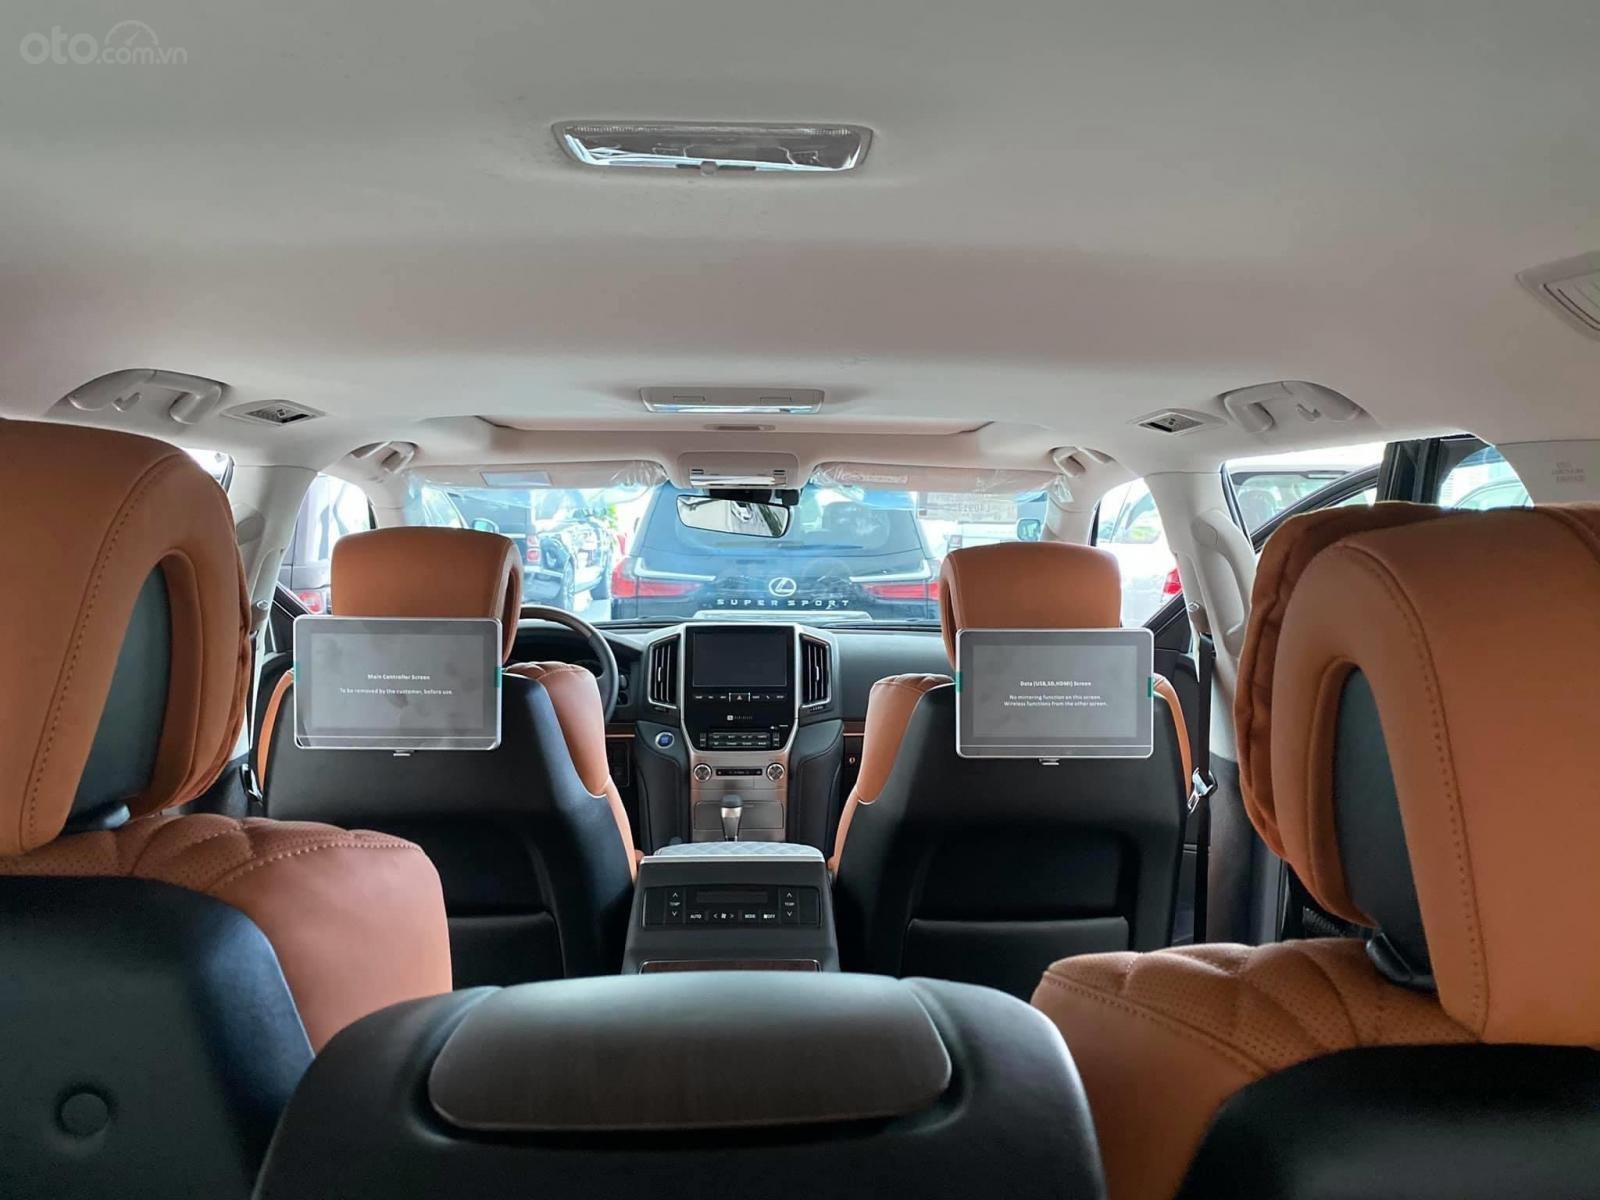 Bán Toyota Land Cruise MBS 5.7,4 ghế thương gia siêu vip, sản xuất 2020, xe giao ngay (11)